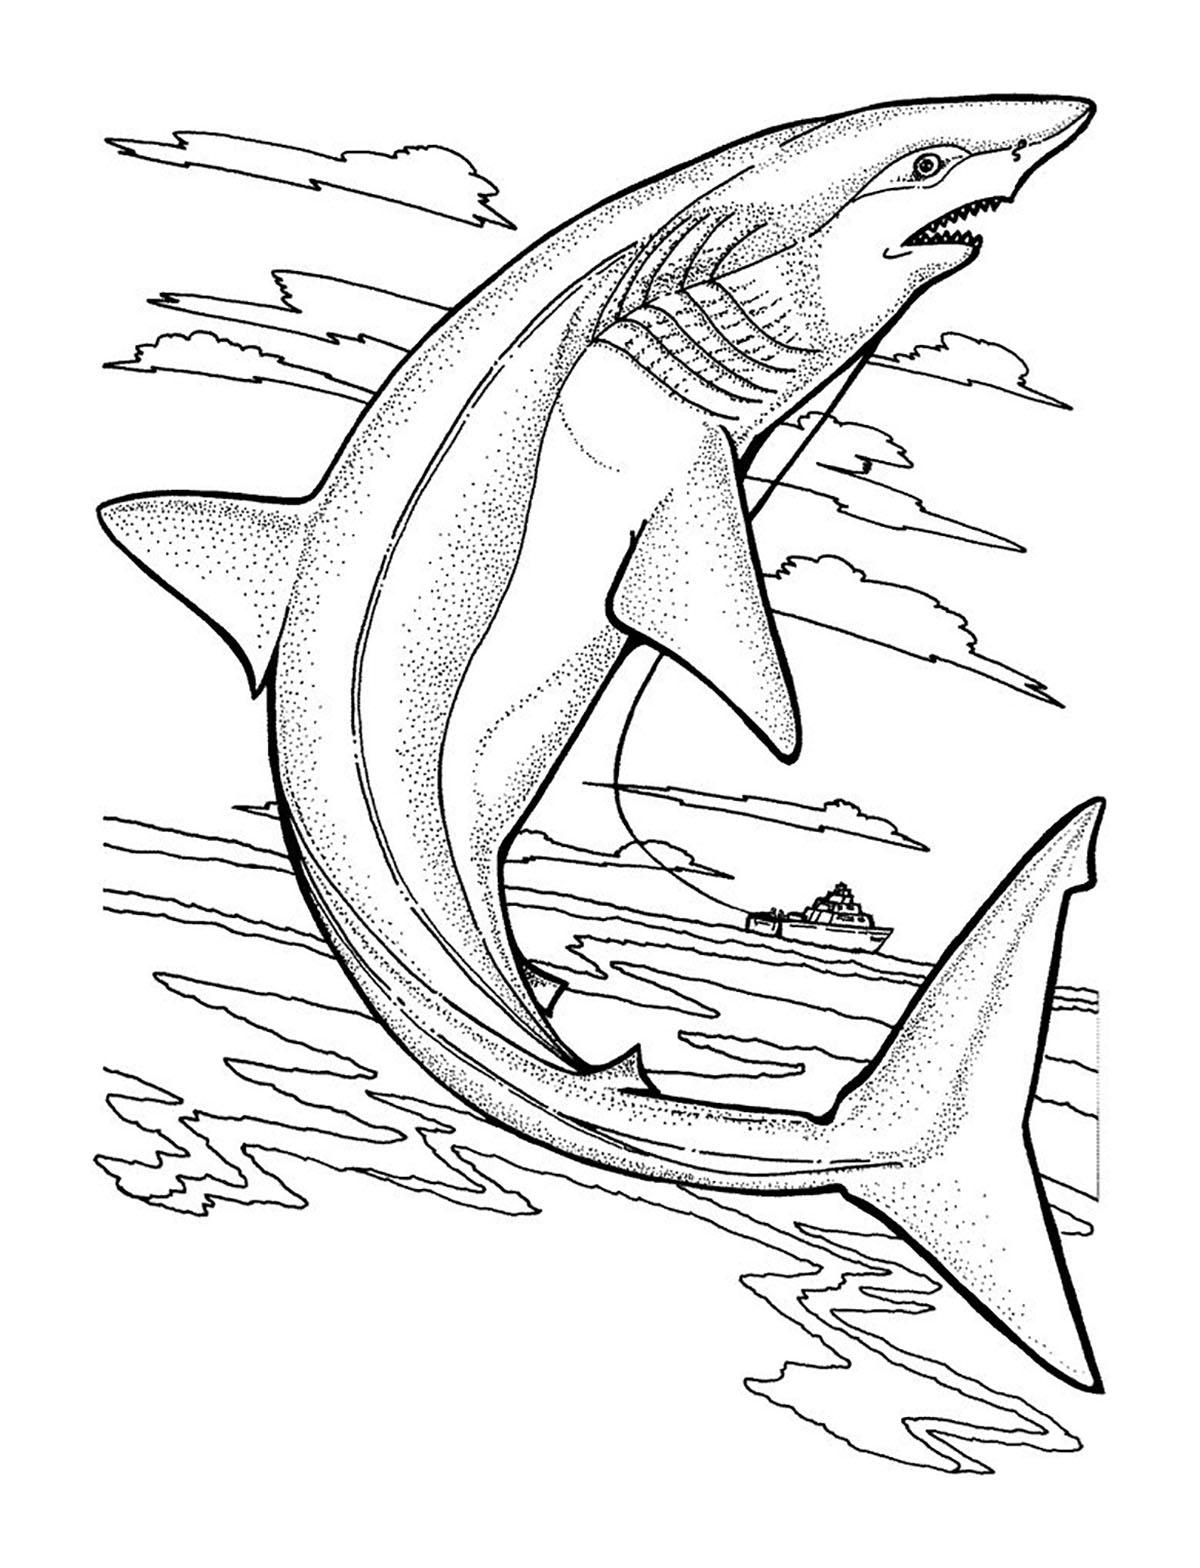 Requin - Coloriages À Imprimer Gratuits : Personnages encequiconcerne Coloriage Requin Blanc Imprimer